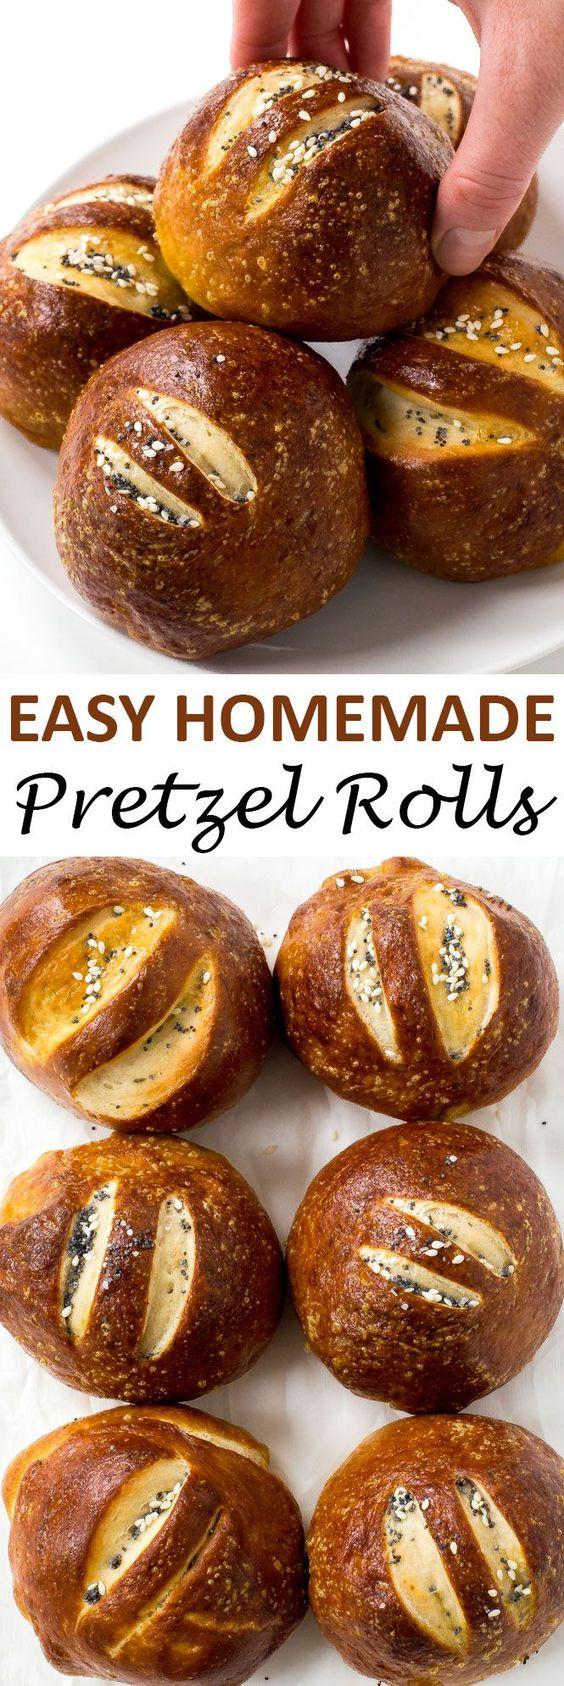 Pretzel Rolls | Recipe | Pretzel Rolls, Homemade Pretzels ...